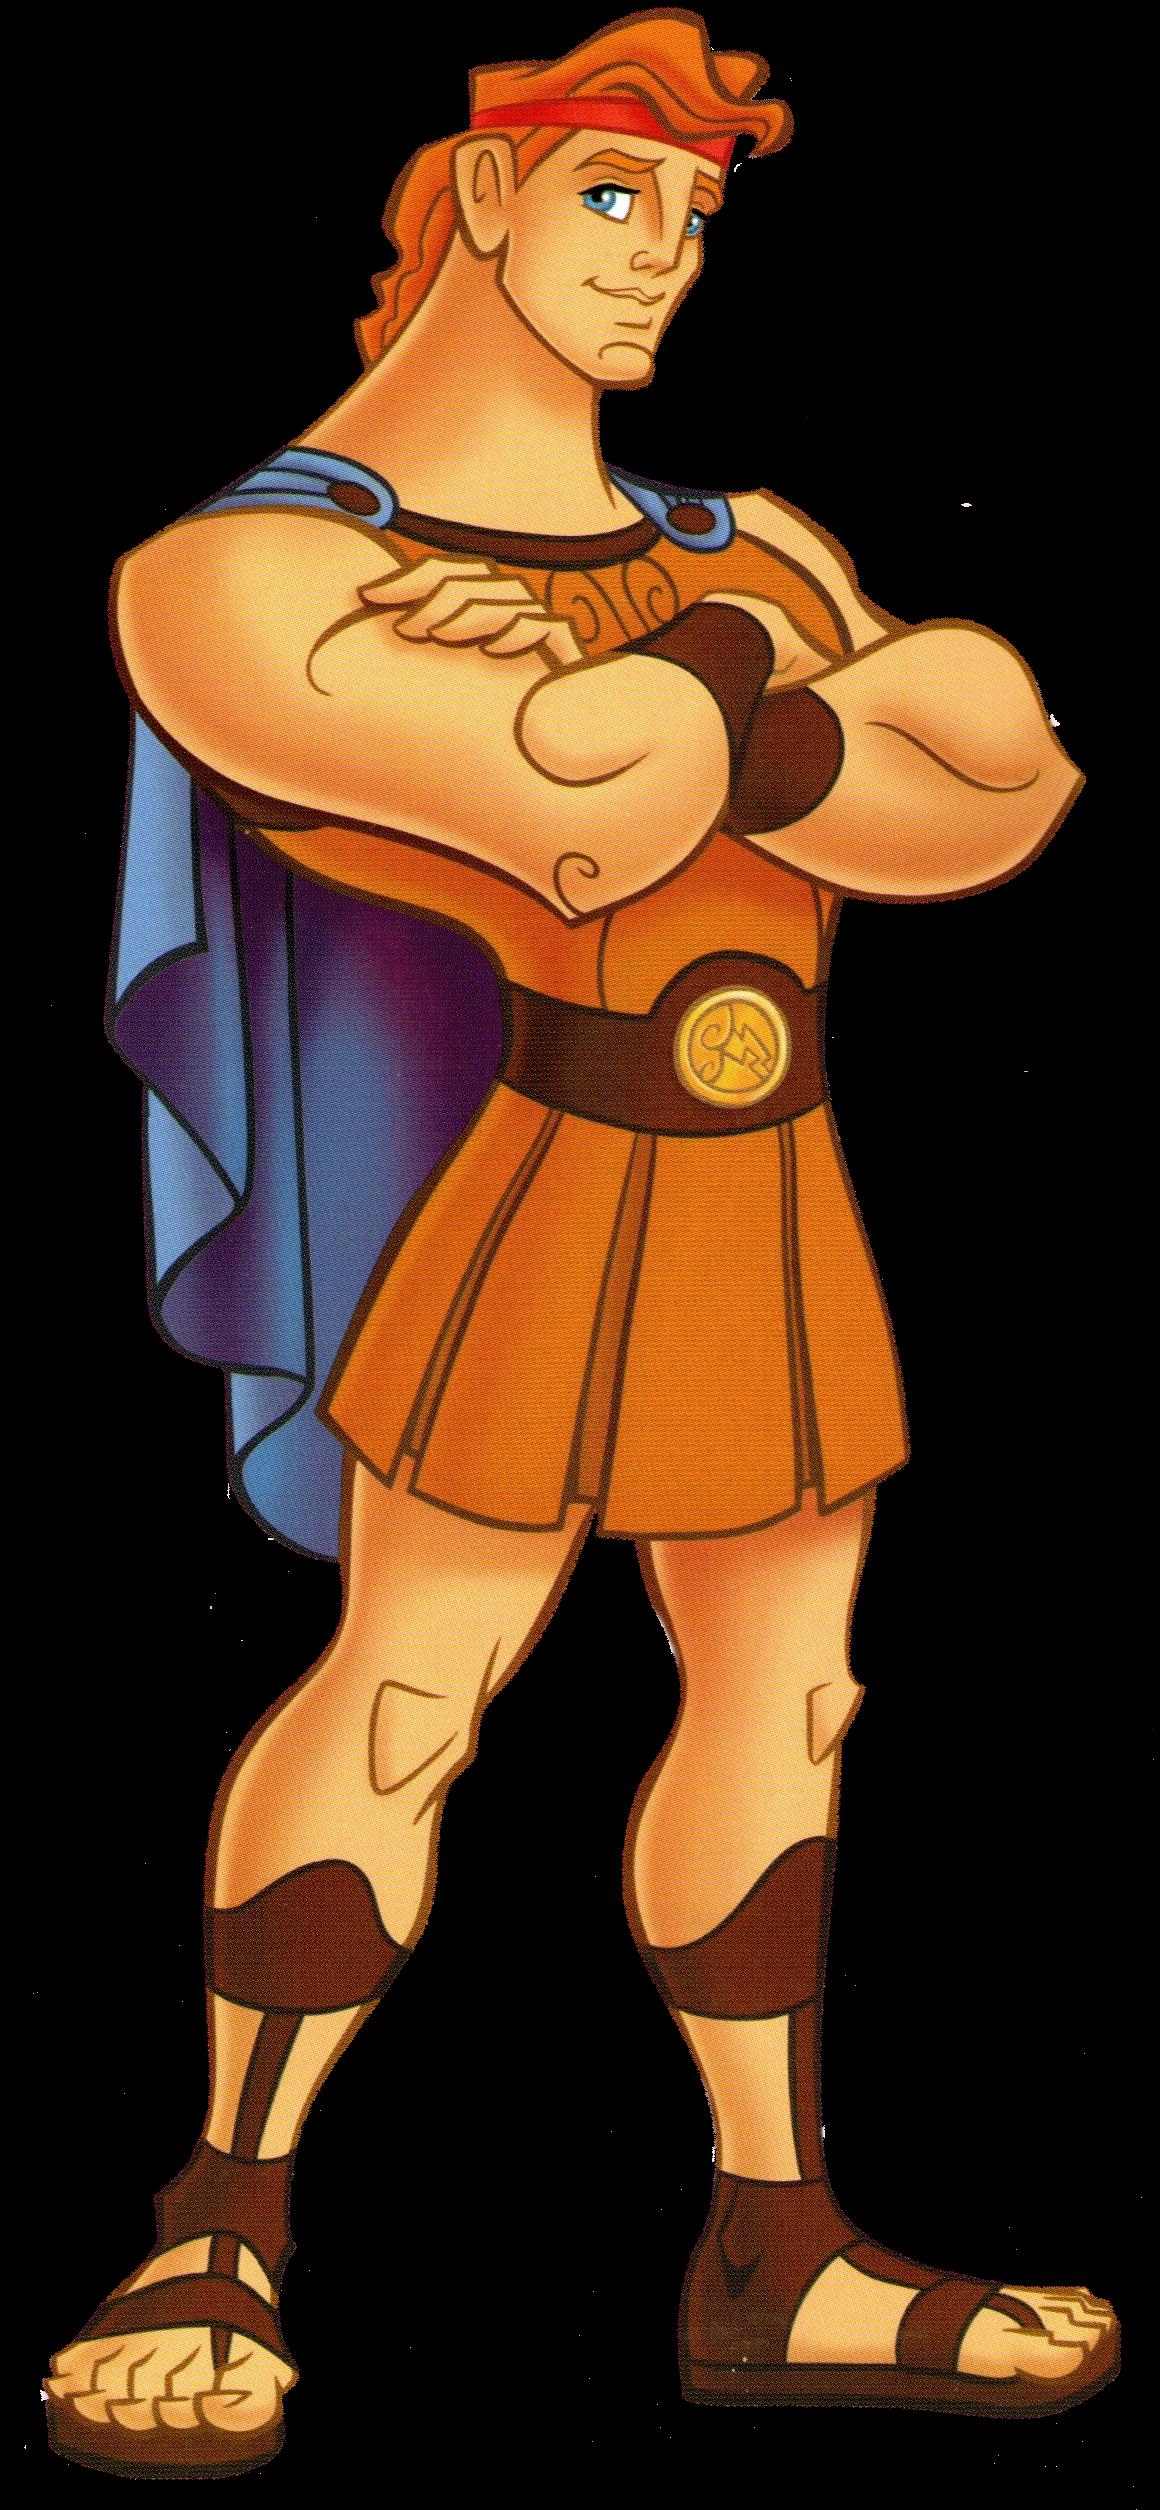 Hercules photo